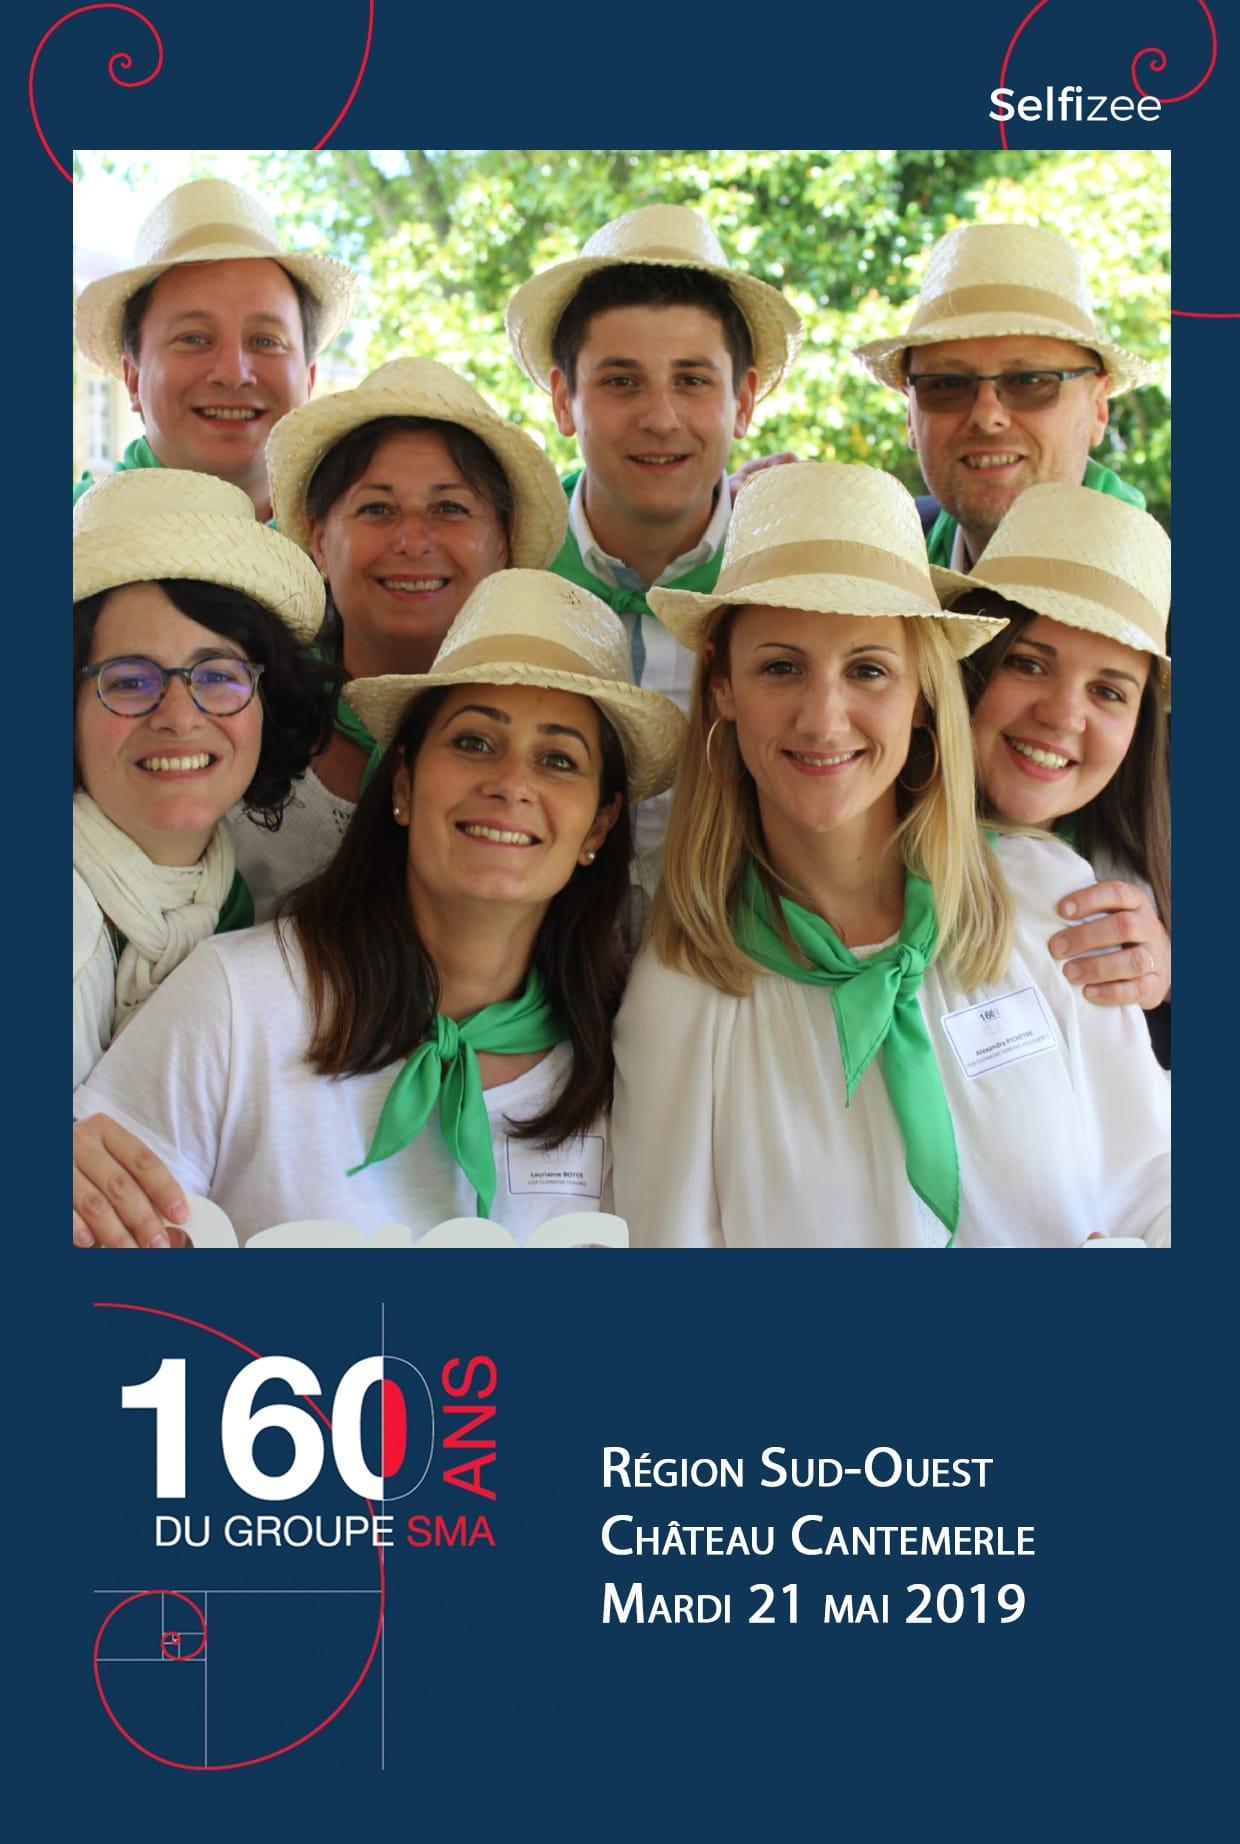 Photobooth avec impressions photos pour fête anniversaire du groupe SMA à Bordeaux - animation selfie box personnalisée